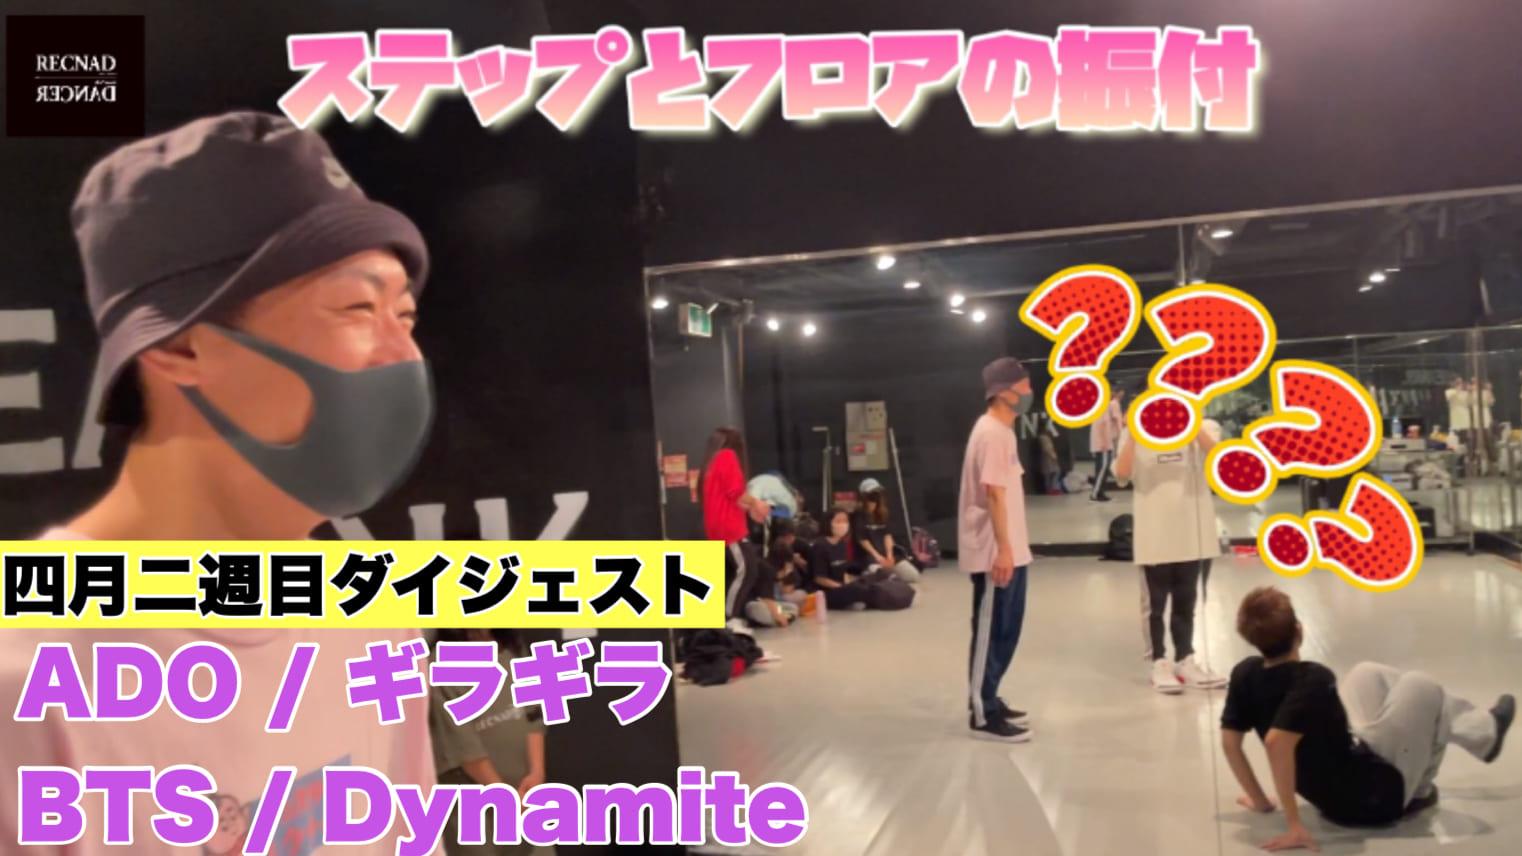 ダンス 8カウント 振り付け   RECNAD 2021/4月レッスンダイジェスト